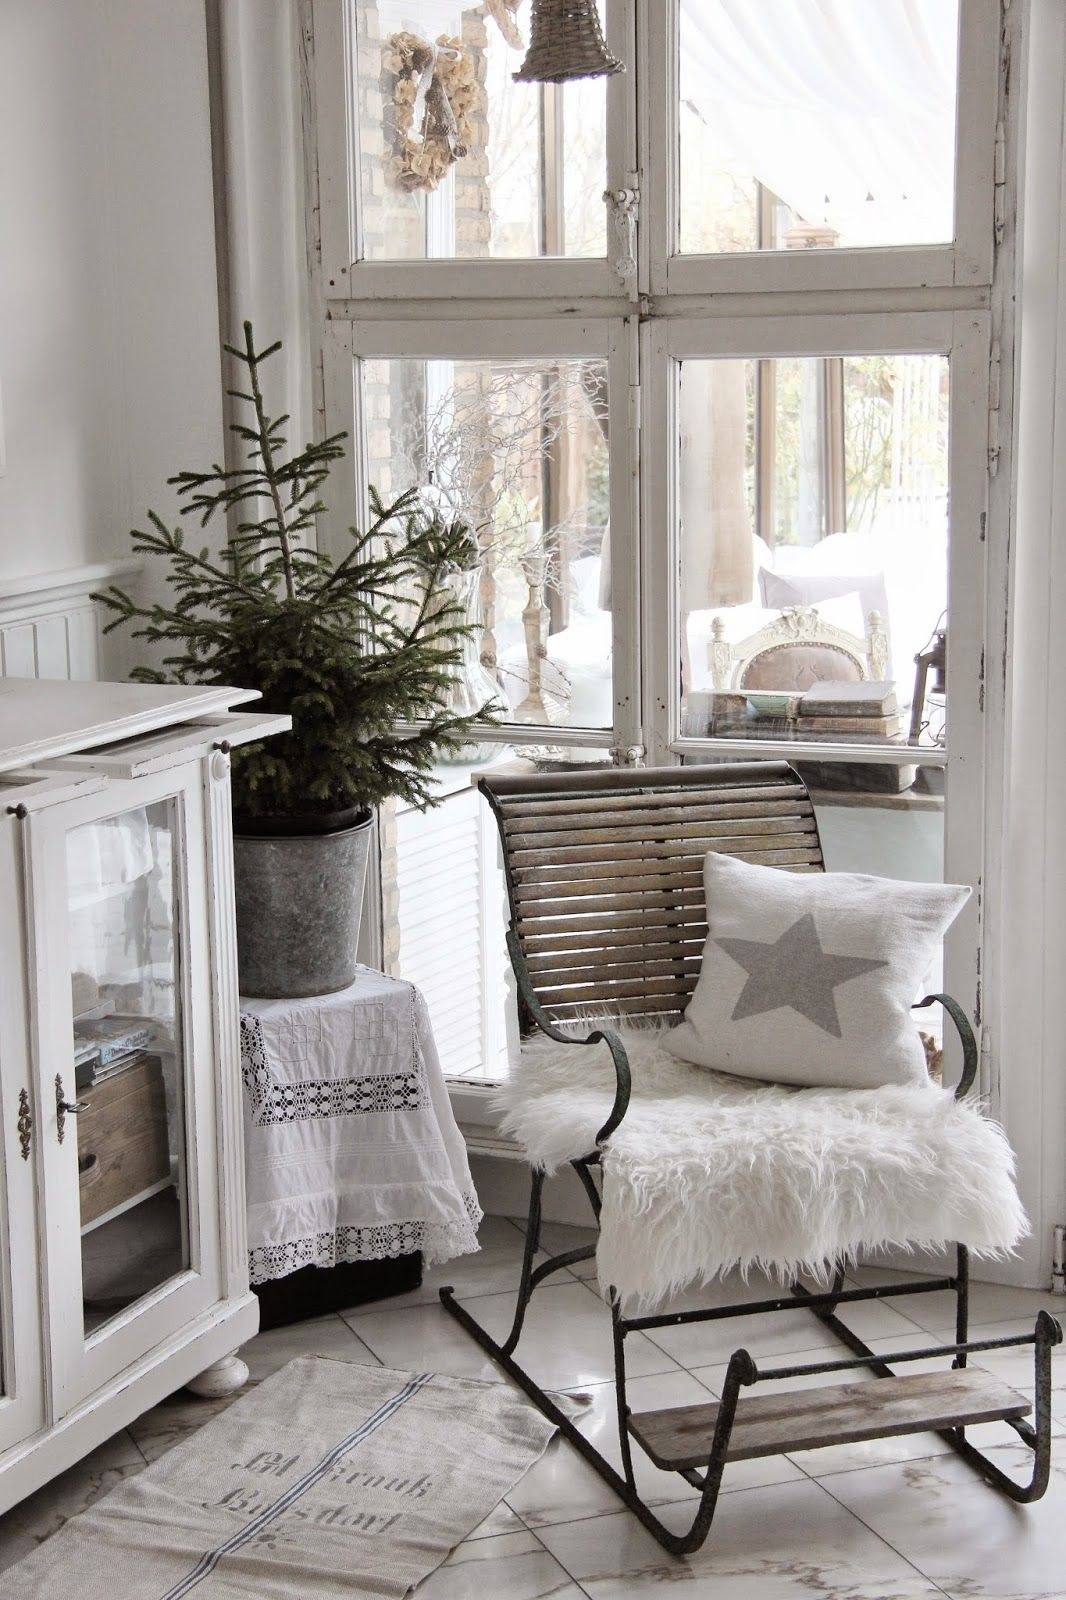 schwanenteich weihnachten weihn. Black Bedroom Furniture Sets. Home Design Ideas